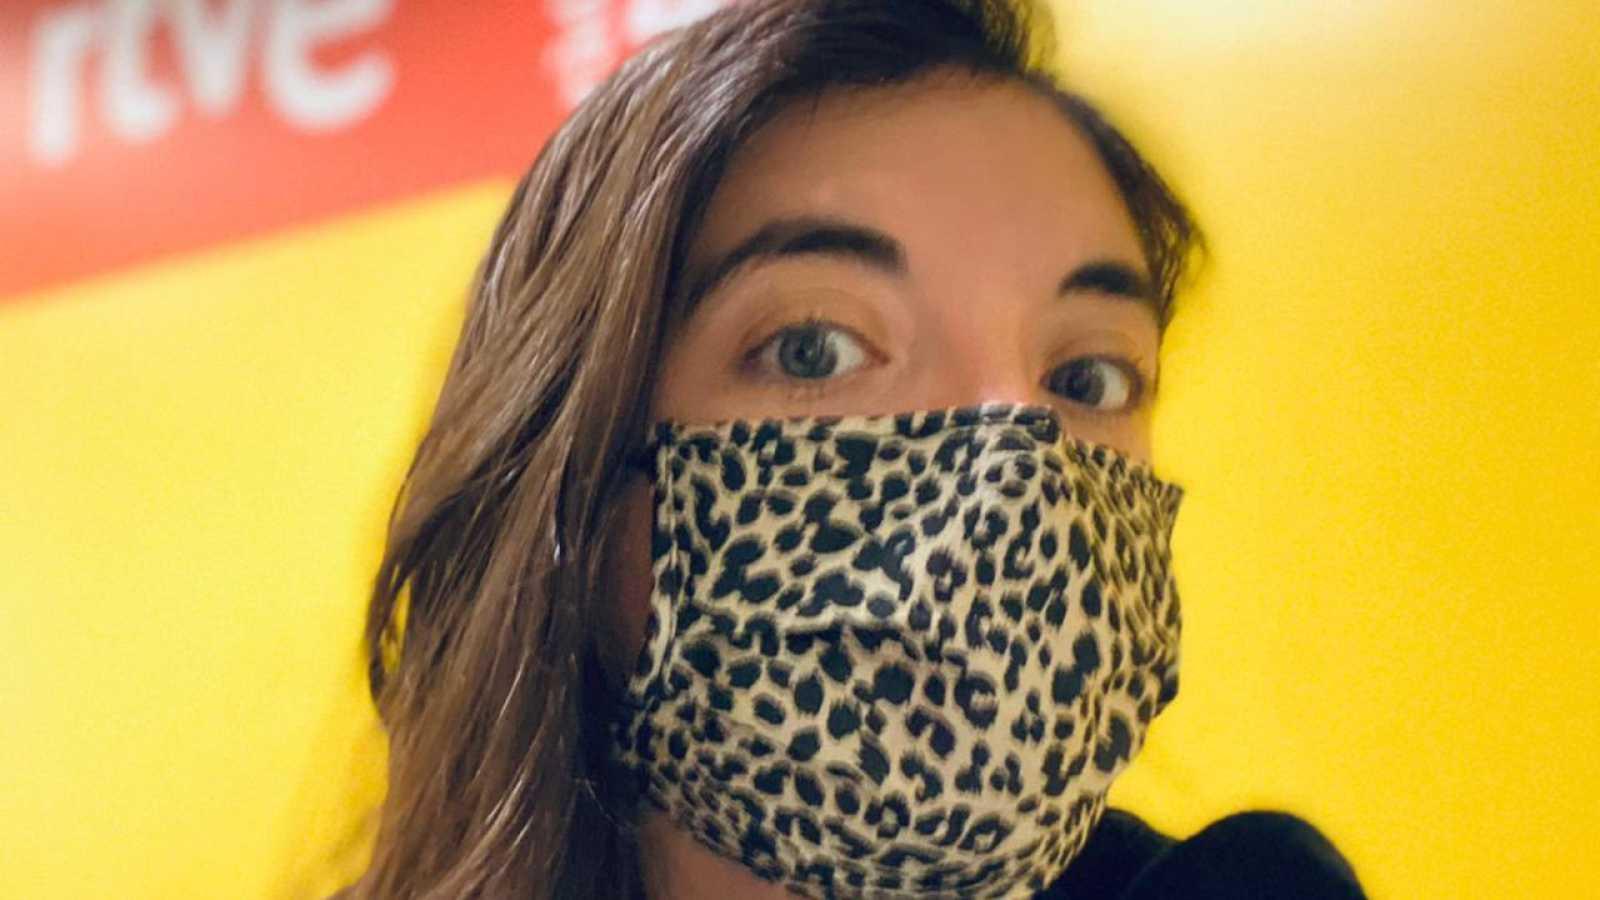 Hoy empieza todo con Marta Echeverría - 'Caliente' de Luna Miguel y 'Viva el noise' de Paco Loco - 03/02/21 - escuchar ahora